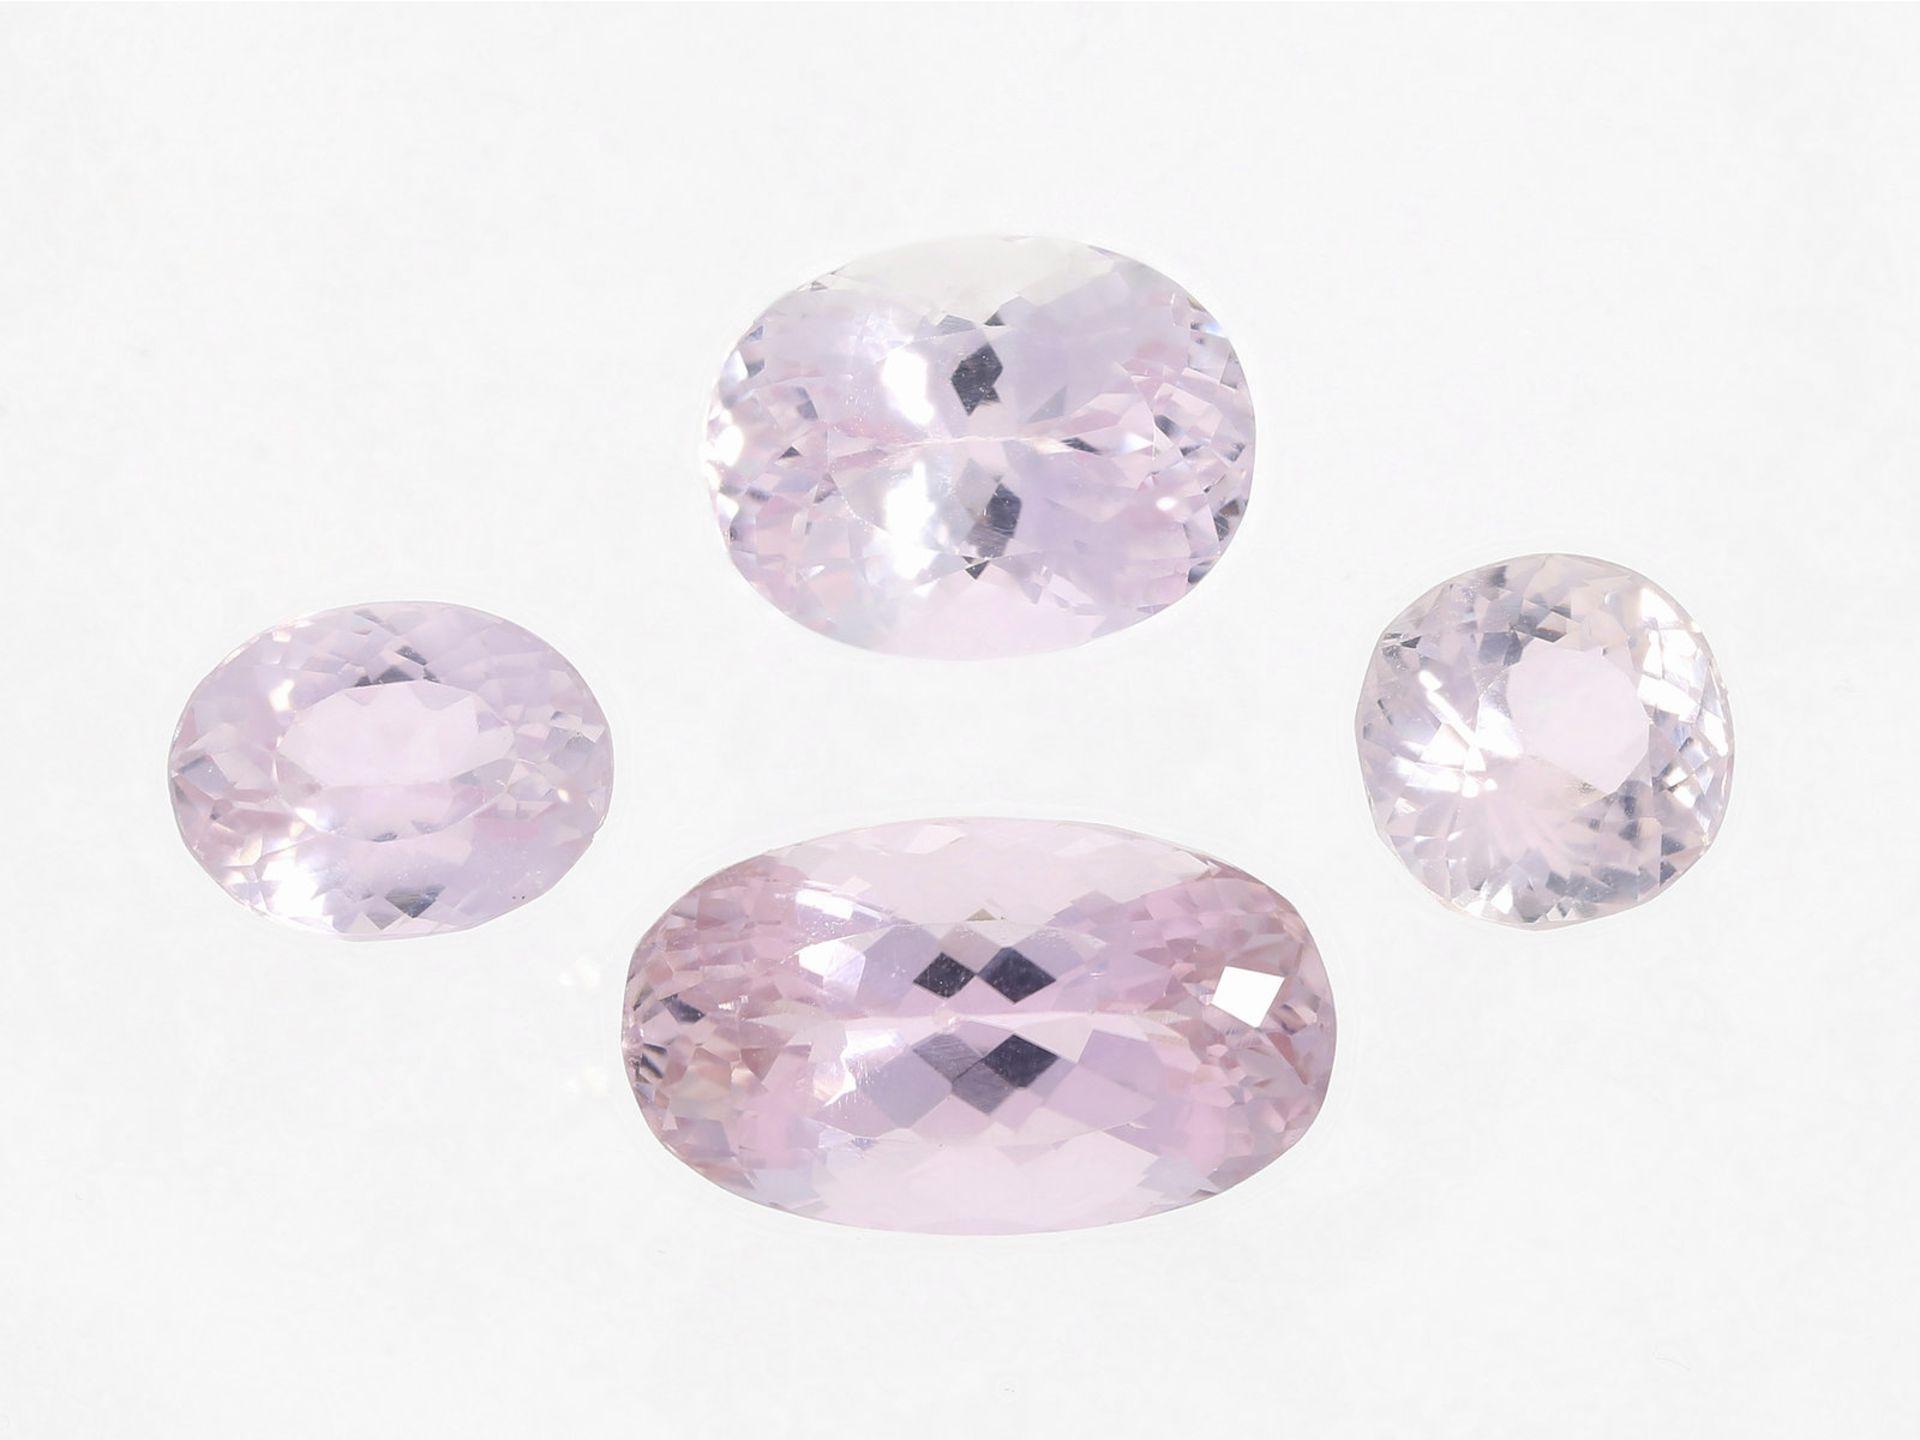 Kunzit: sehr schönes Konvolut pinkfarbener Kunzite, insgesamt ca. 34ct4 Kunzite von h